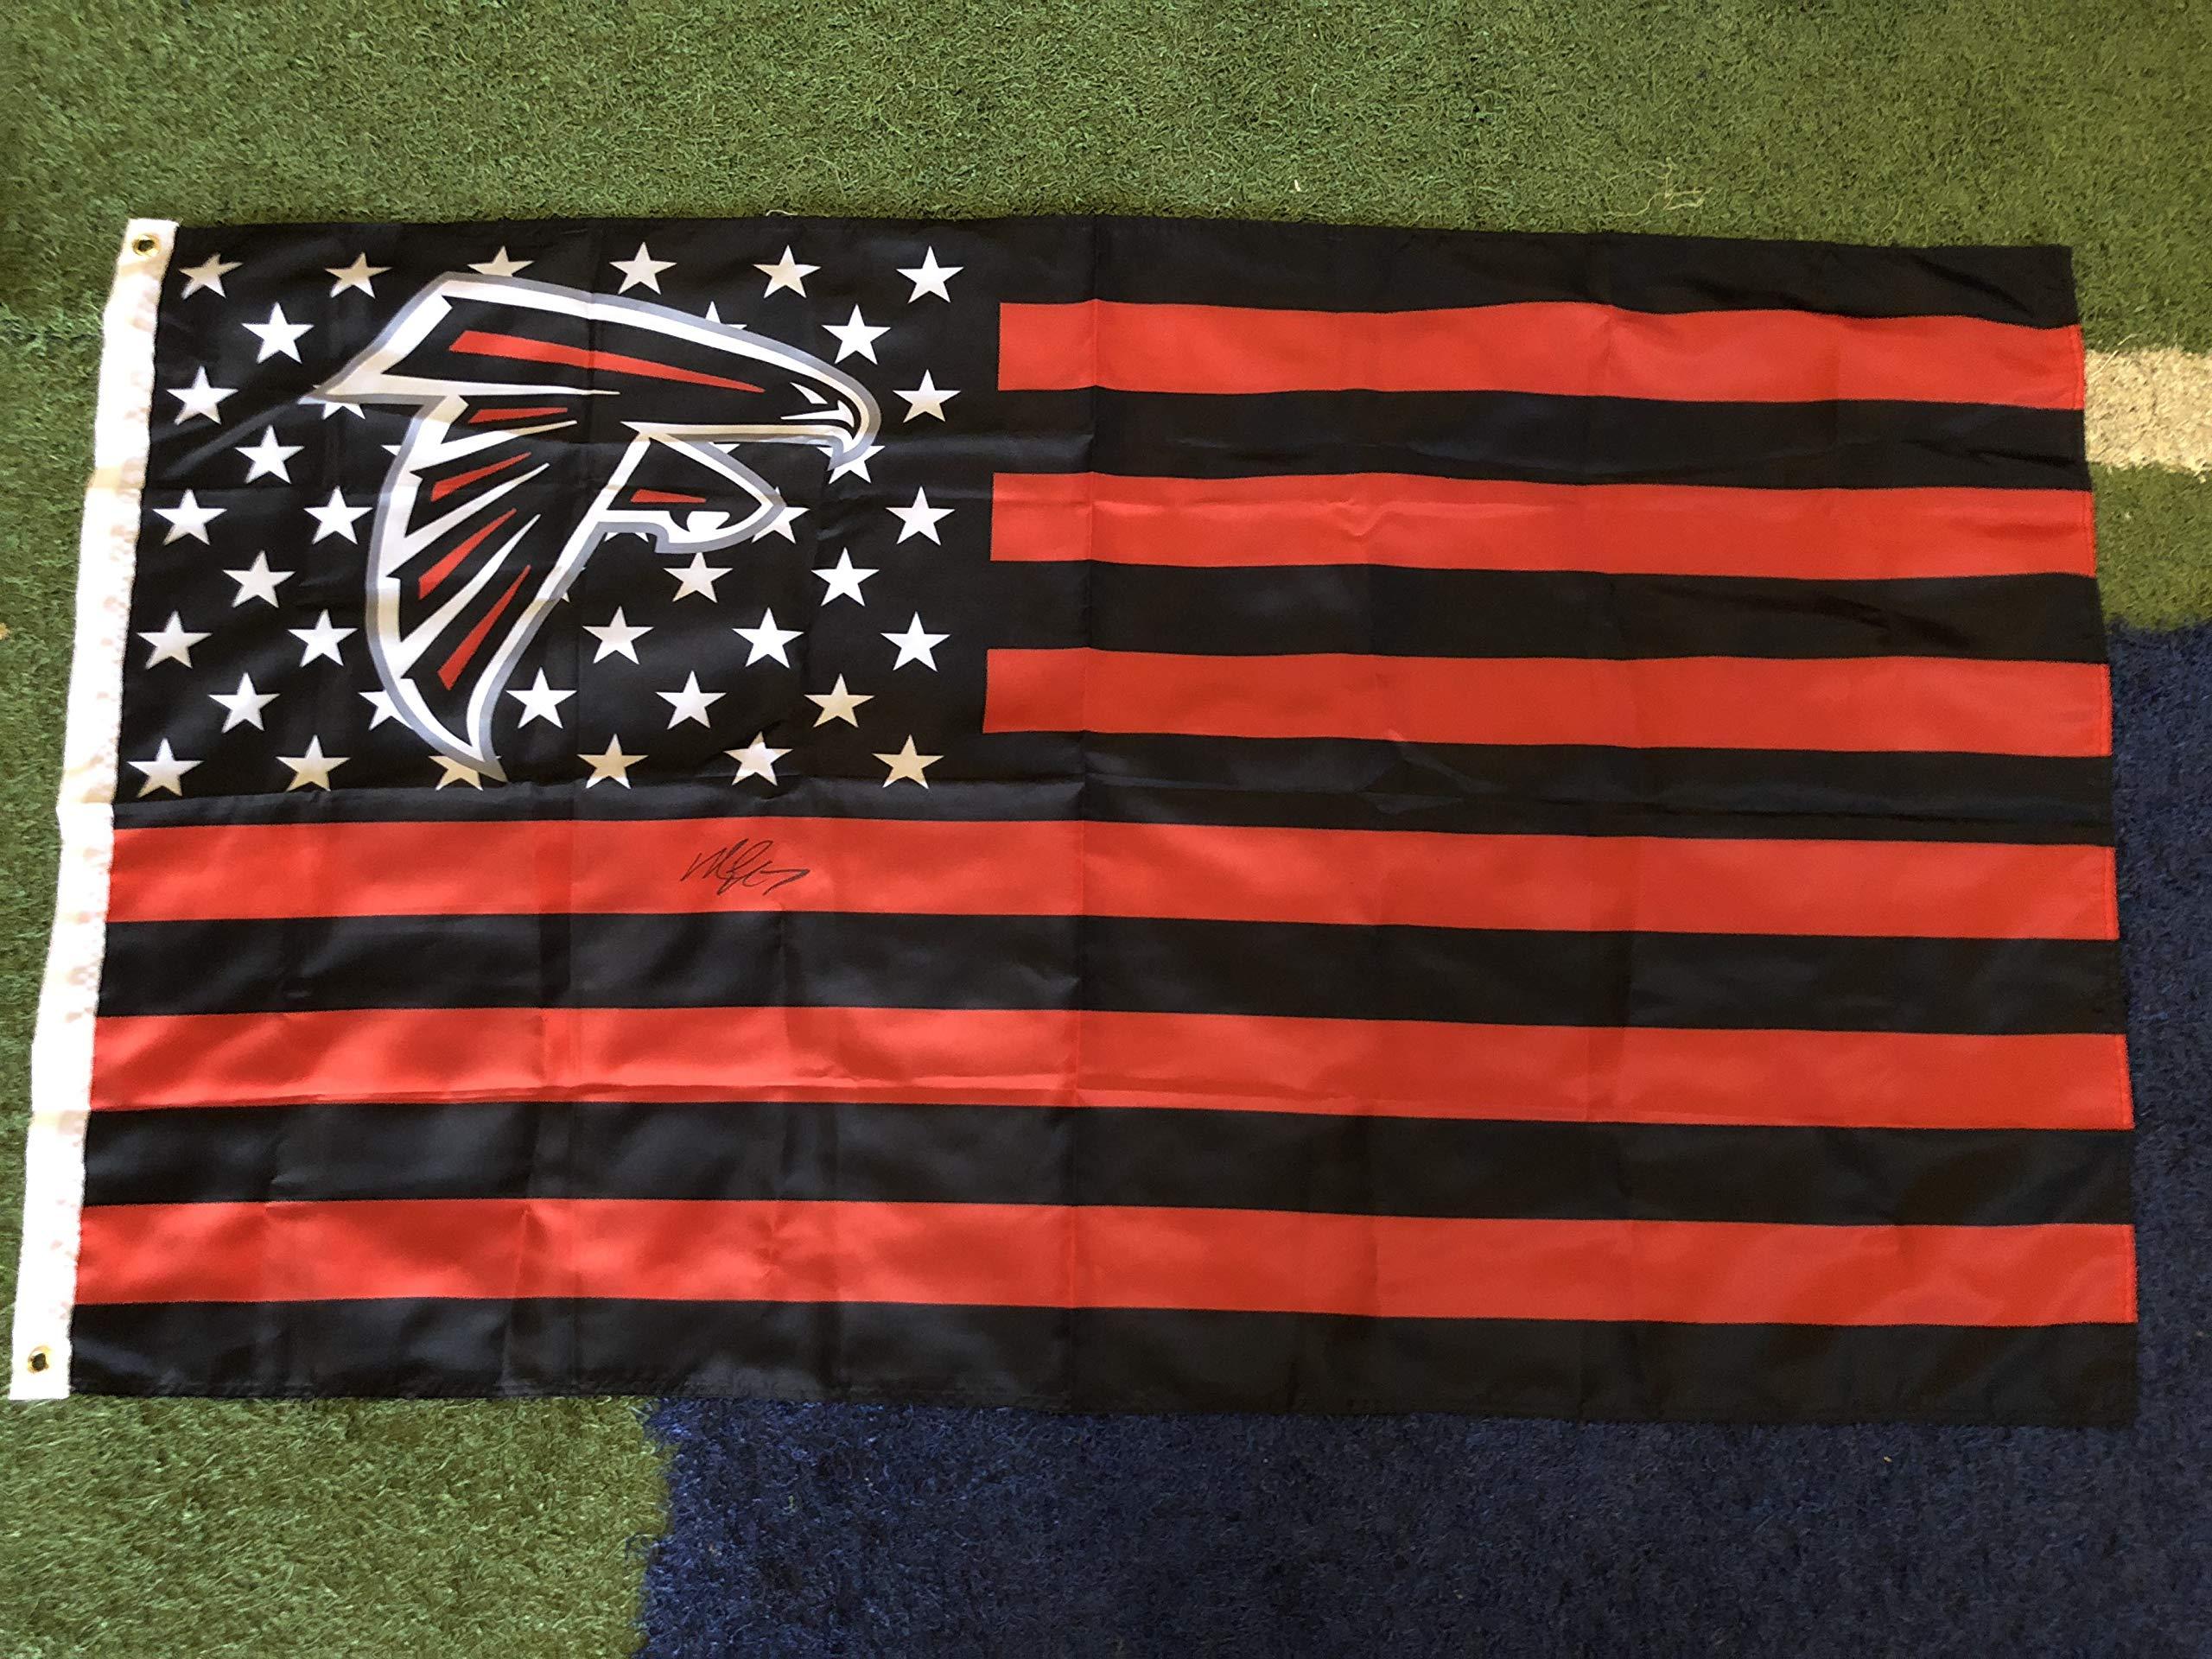 Michael Vick Autographed Signed 3ftx5ft Atlanta Falcons Flag (The Cowboy House COA)